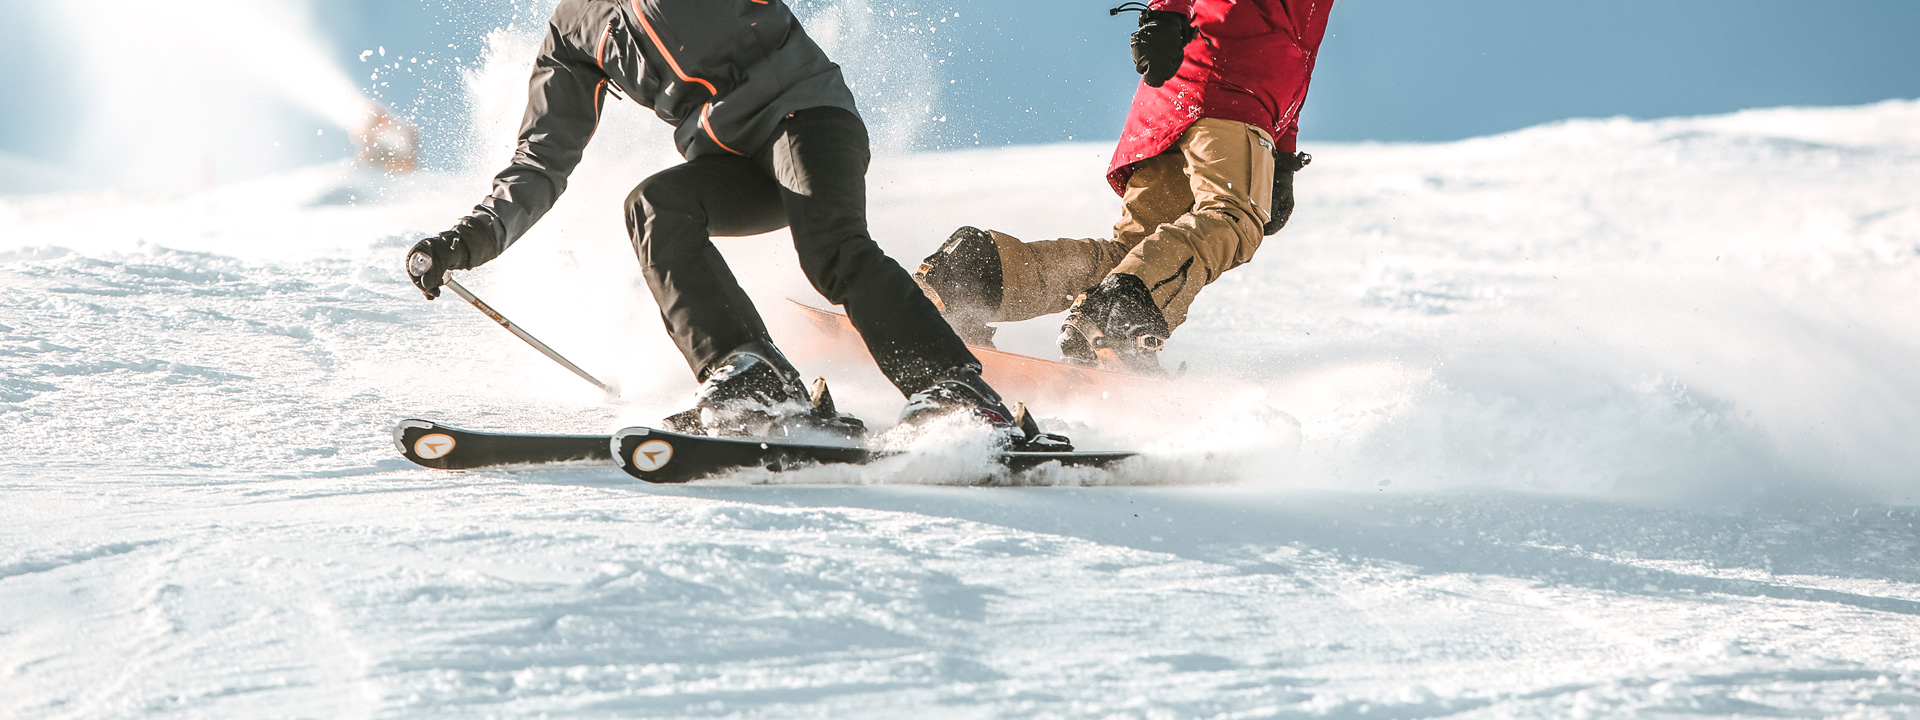 Discesa in pista con sci e snowboard sulla ski area Mottolino a Livigno